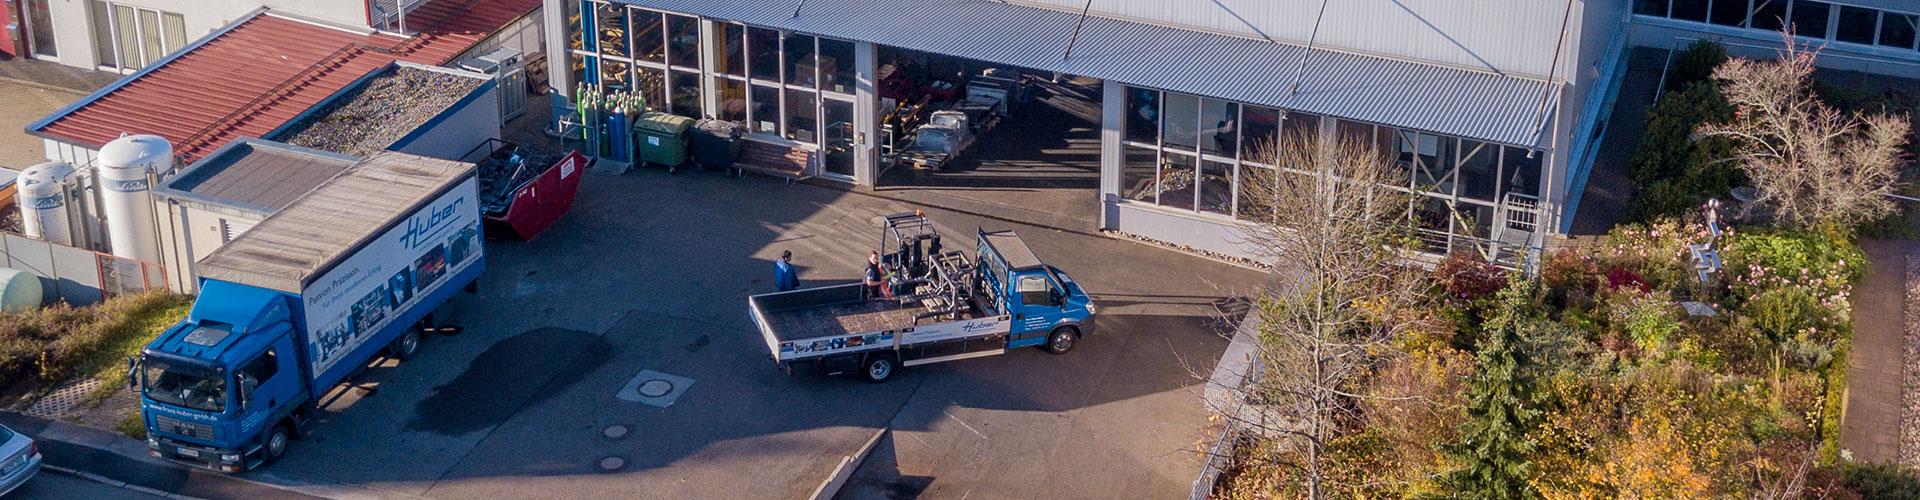 Stellenanzeige CNC-Fräser Huber GmbH